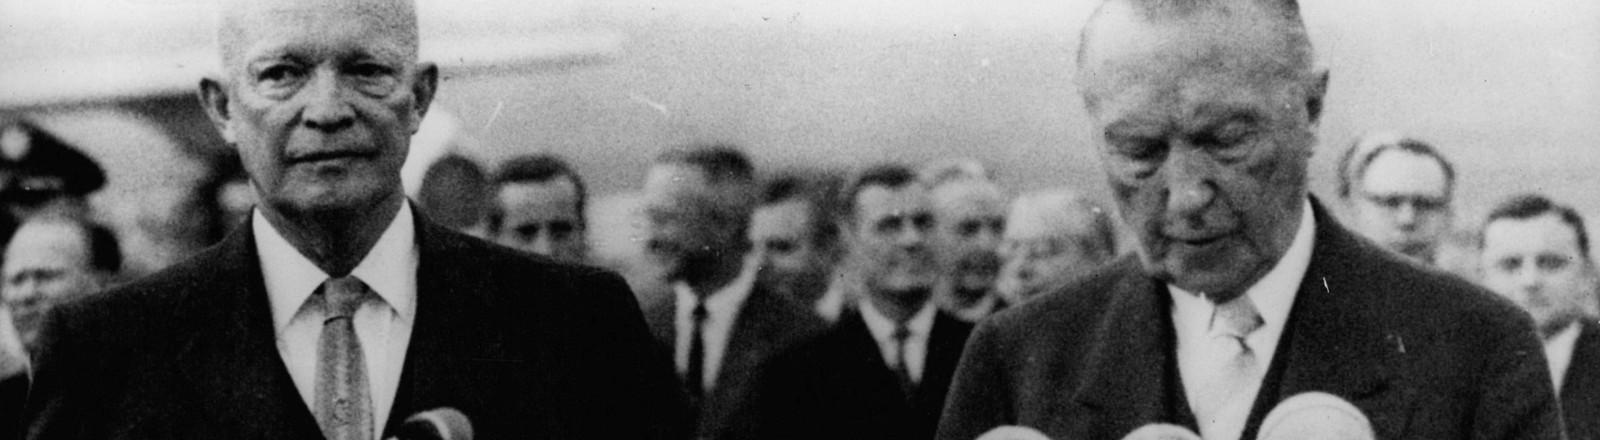 Eisenhower und Adenauer bei einer Pressekonferenz in Bonn.